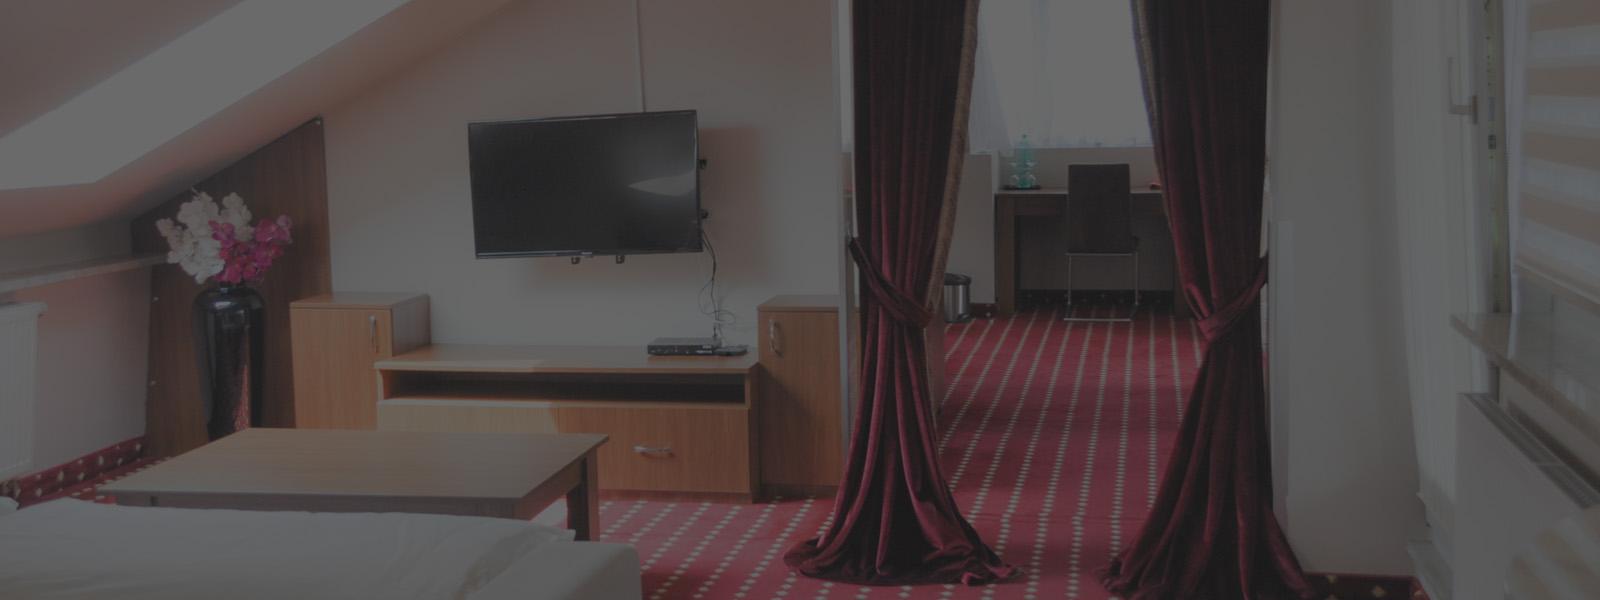 suite-1.jpg